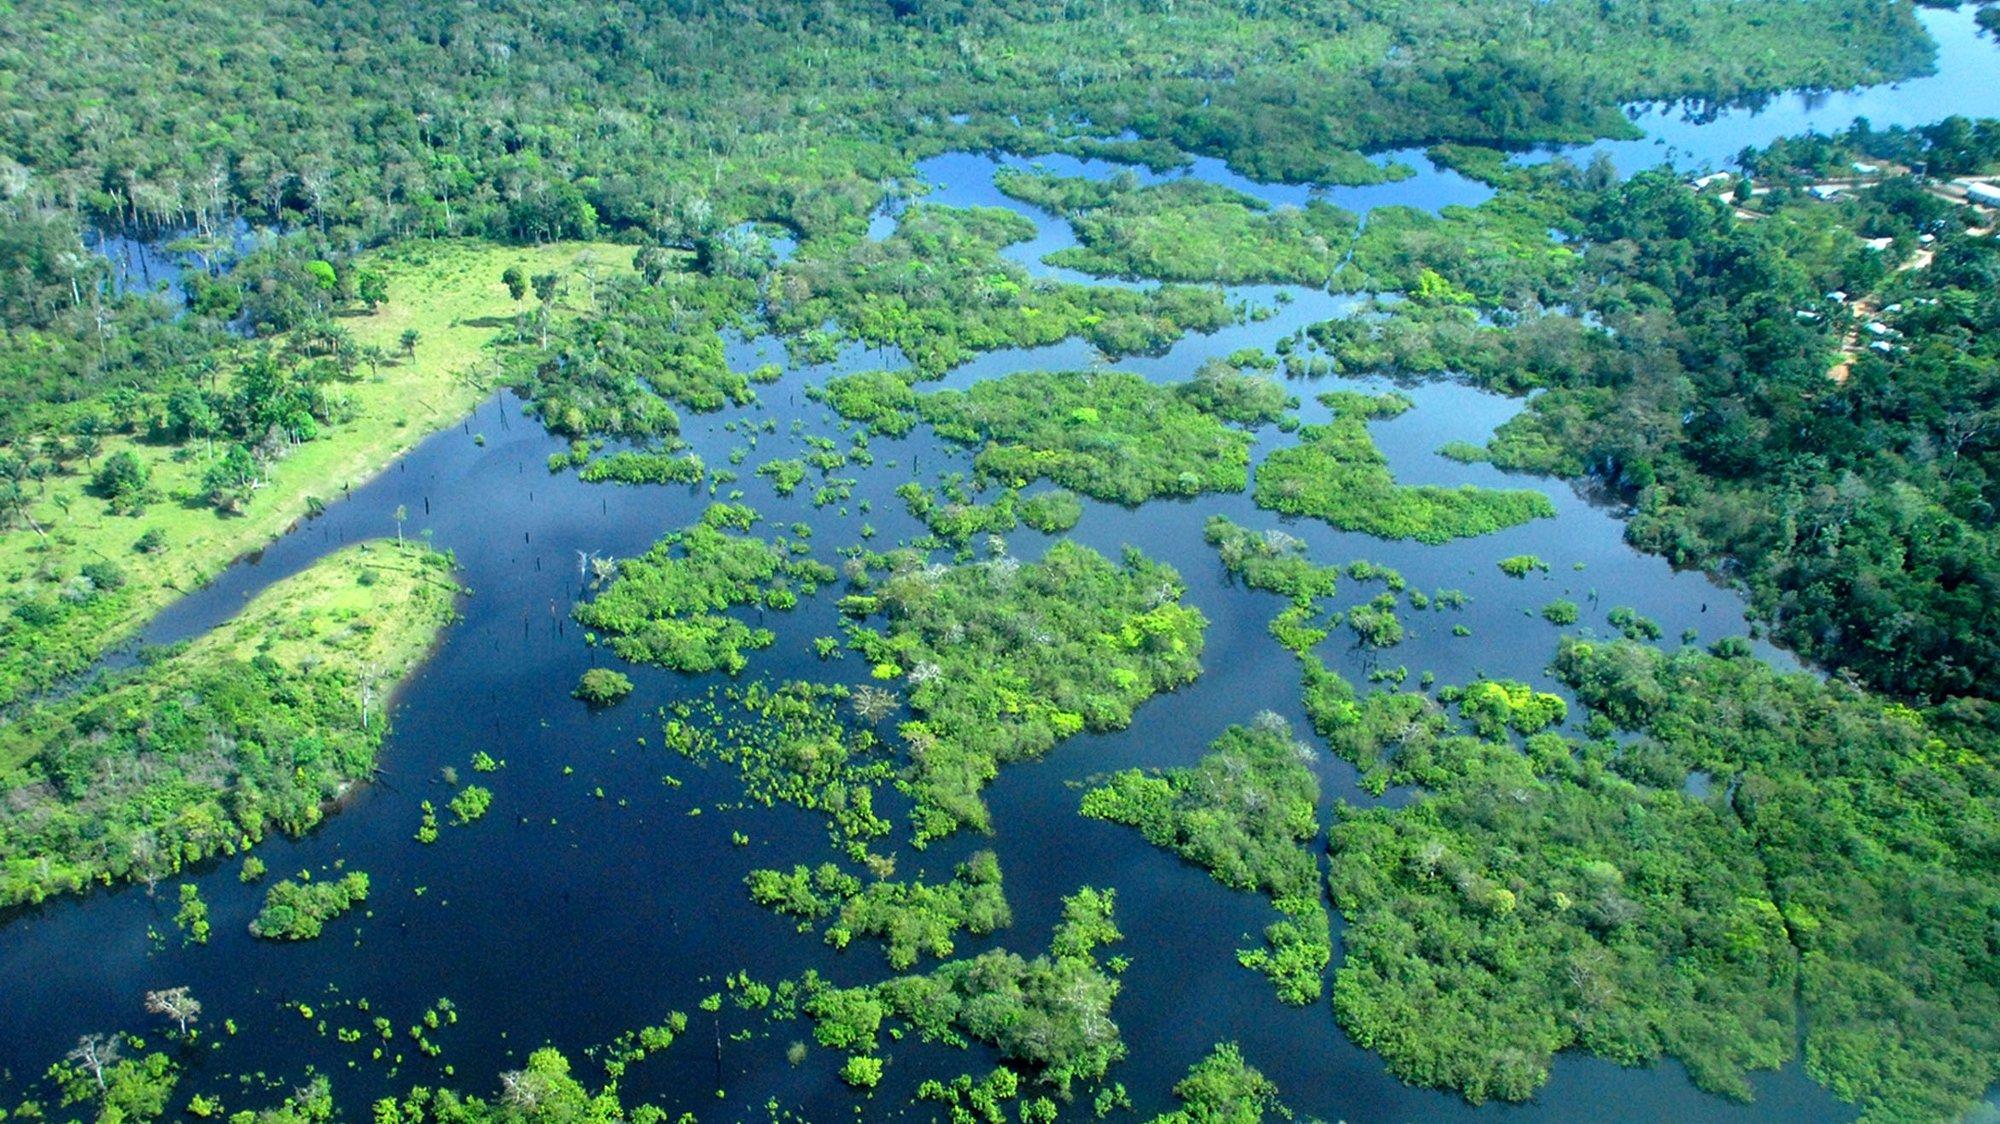 """O cenário de políticas públicas para a Amazónia este ano """"não foi positivo"""", alerta o activista ambiental da organização não-governamental Greenpeace ao defender a necessidade de redireccionar investimentos em actividades sustentáveis na floresta, Amazonas, Brasil, 21 de novembro de 2008.  (ACOMPANHA TEXTO)  FABIOLA DOS SANTOS/LUSA"""